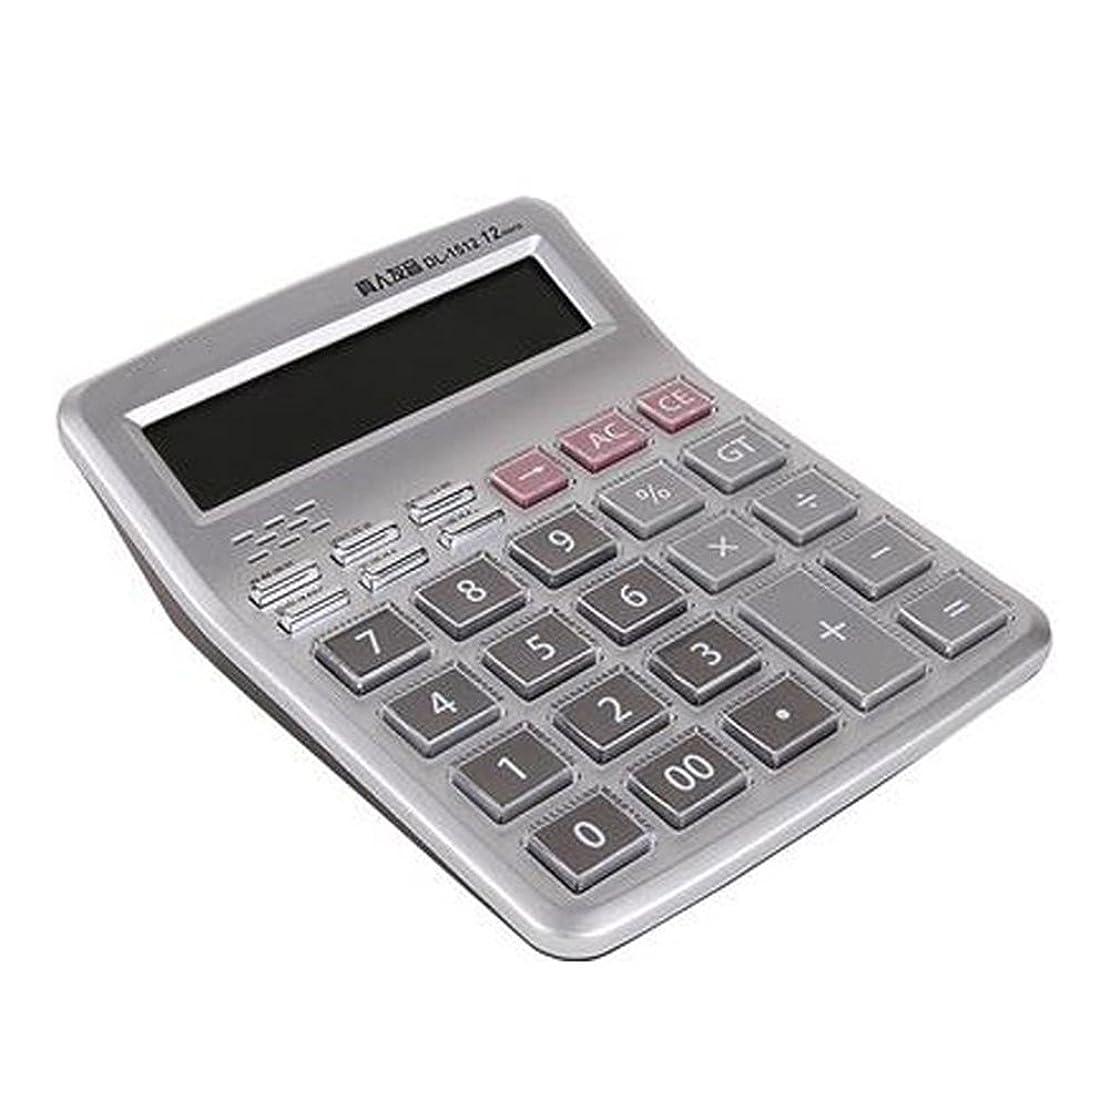 あいにく食べる擬人studyset基本的な電卓、12桁Talkingデスク電卓、音声タイプ電卓Office Supplies